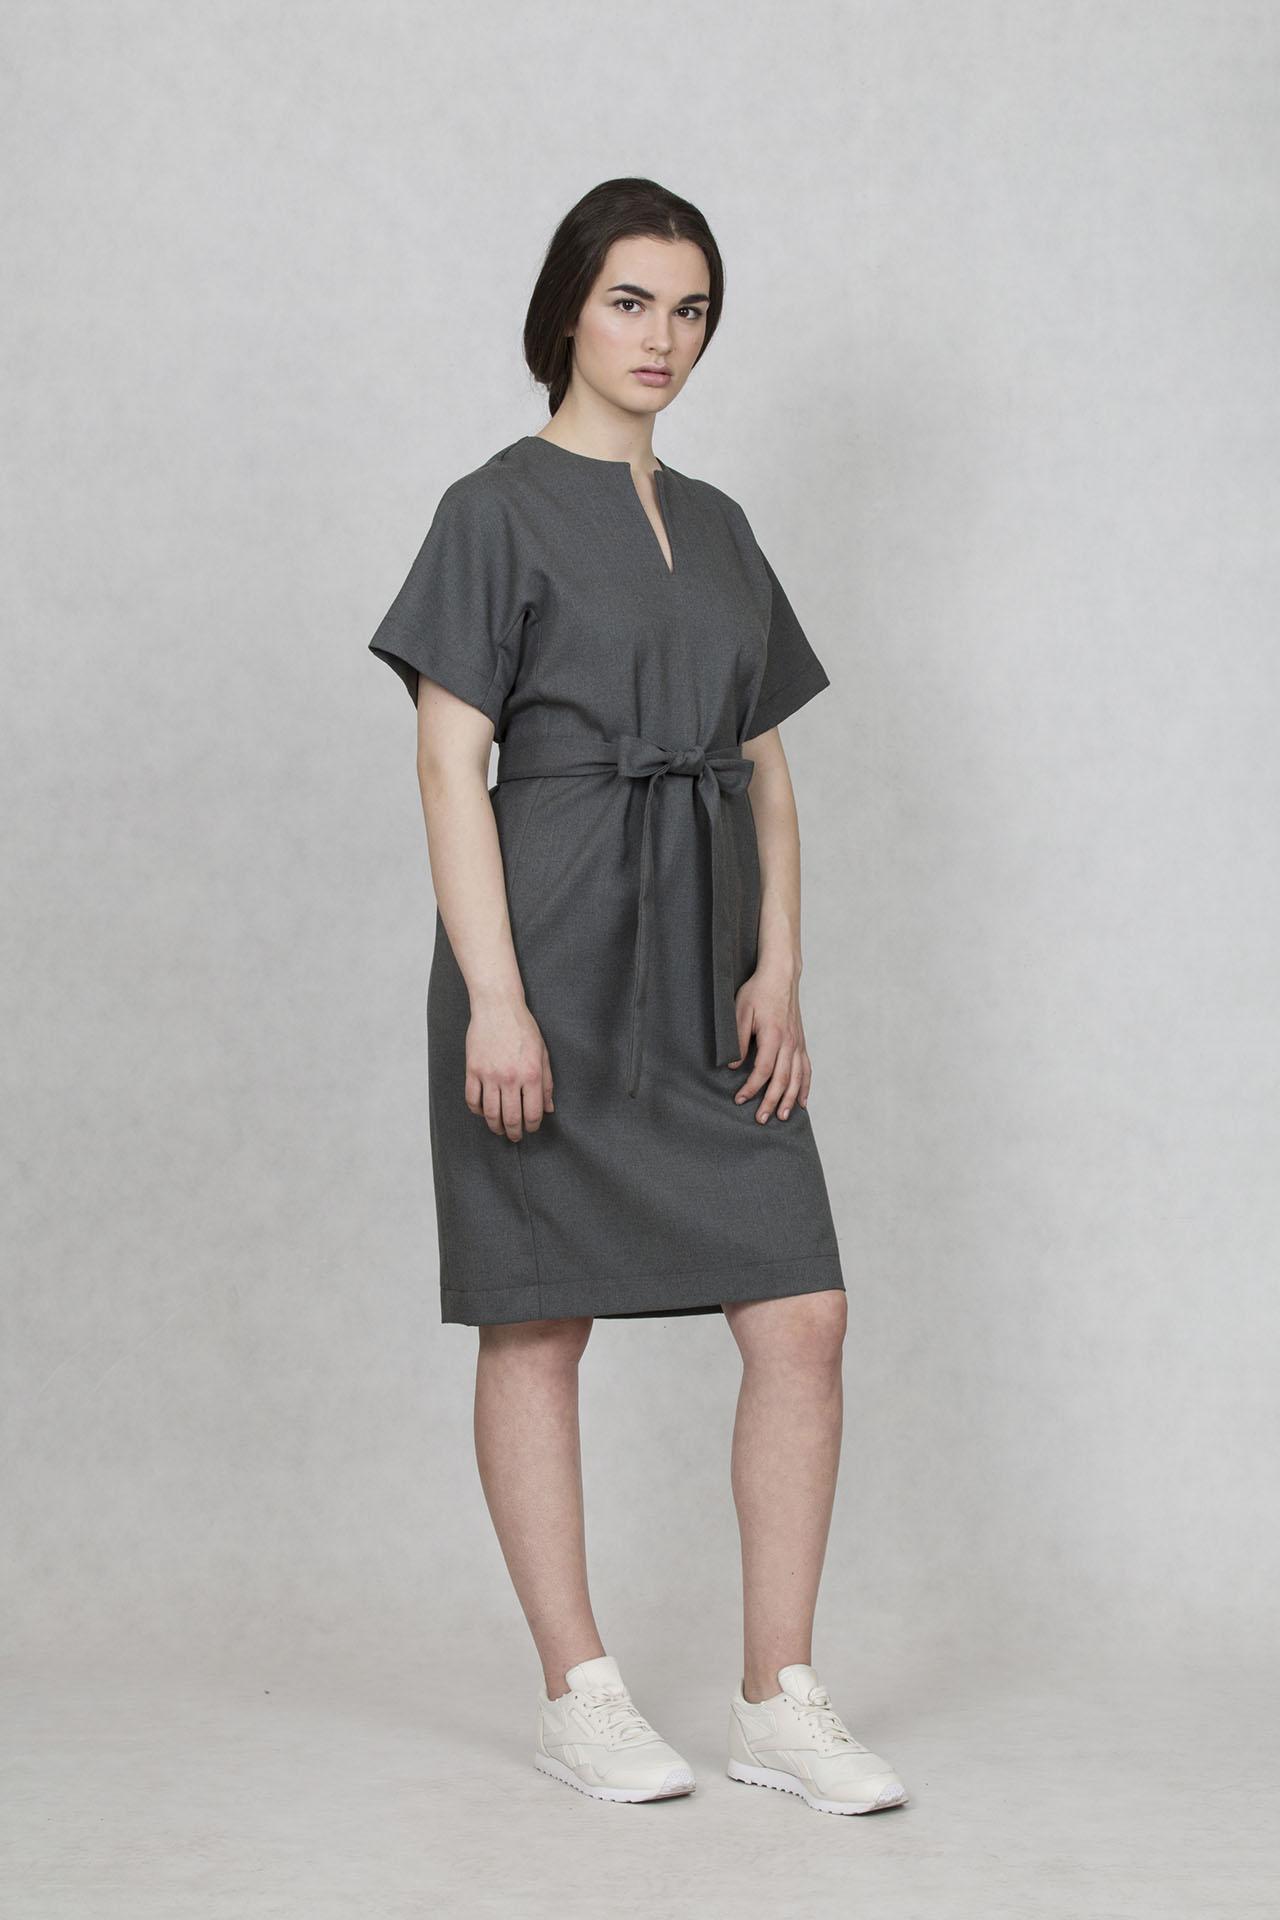 1dfff718c5a1 Společenské šaty krátké Oneday s decentním V výstřihem